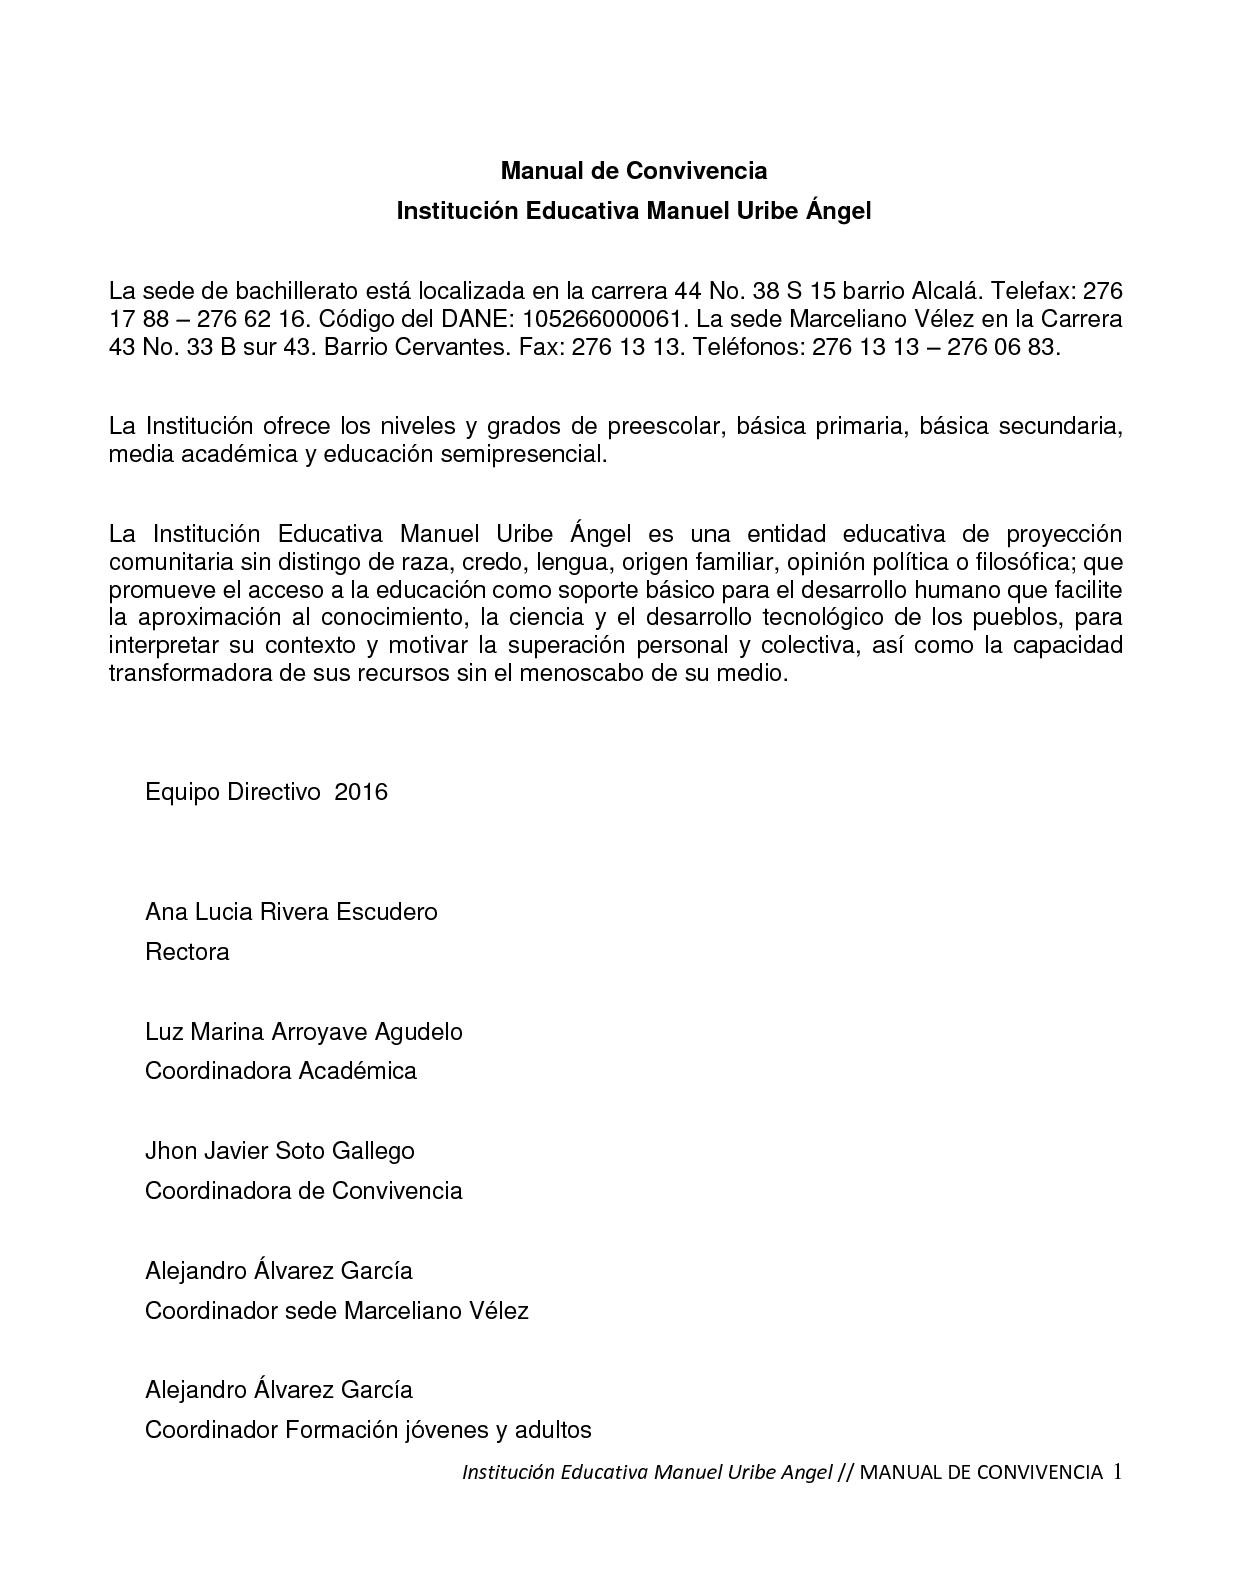 Calendario Escolar 2019 Buenos Aires Actual Calaméo Manual De Convivencia Mua 2017 Of Calendario Escolar 2019 Buenos Aires Actual Diario 08 01 2019